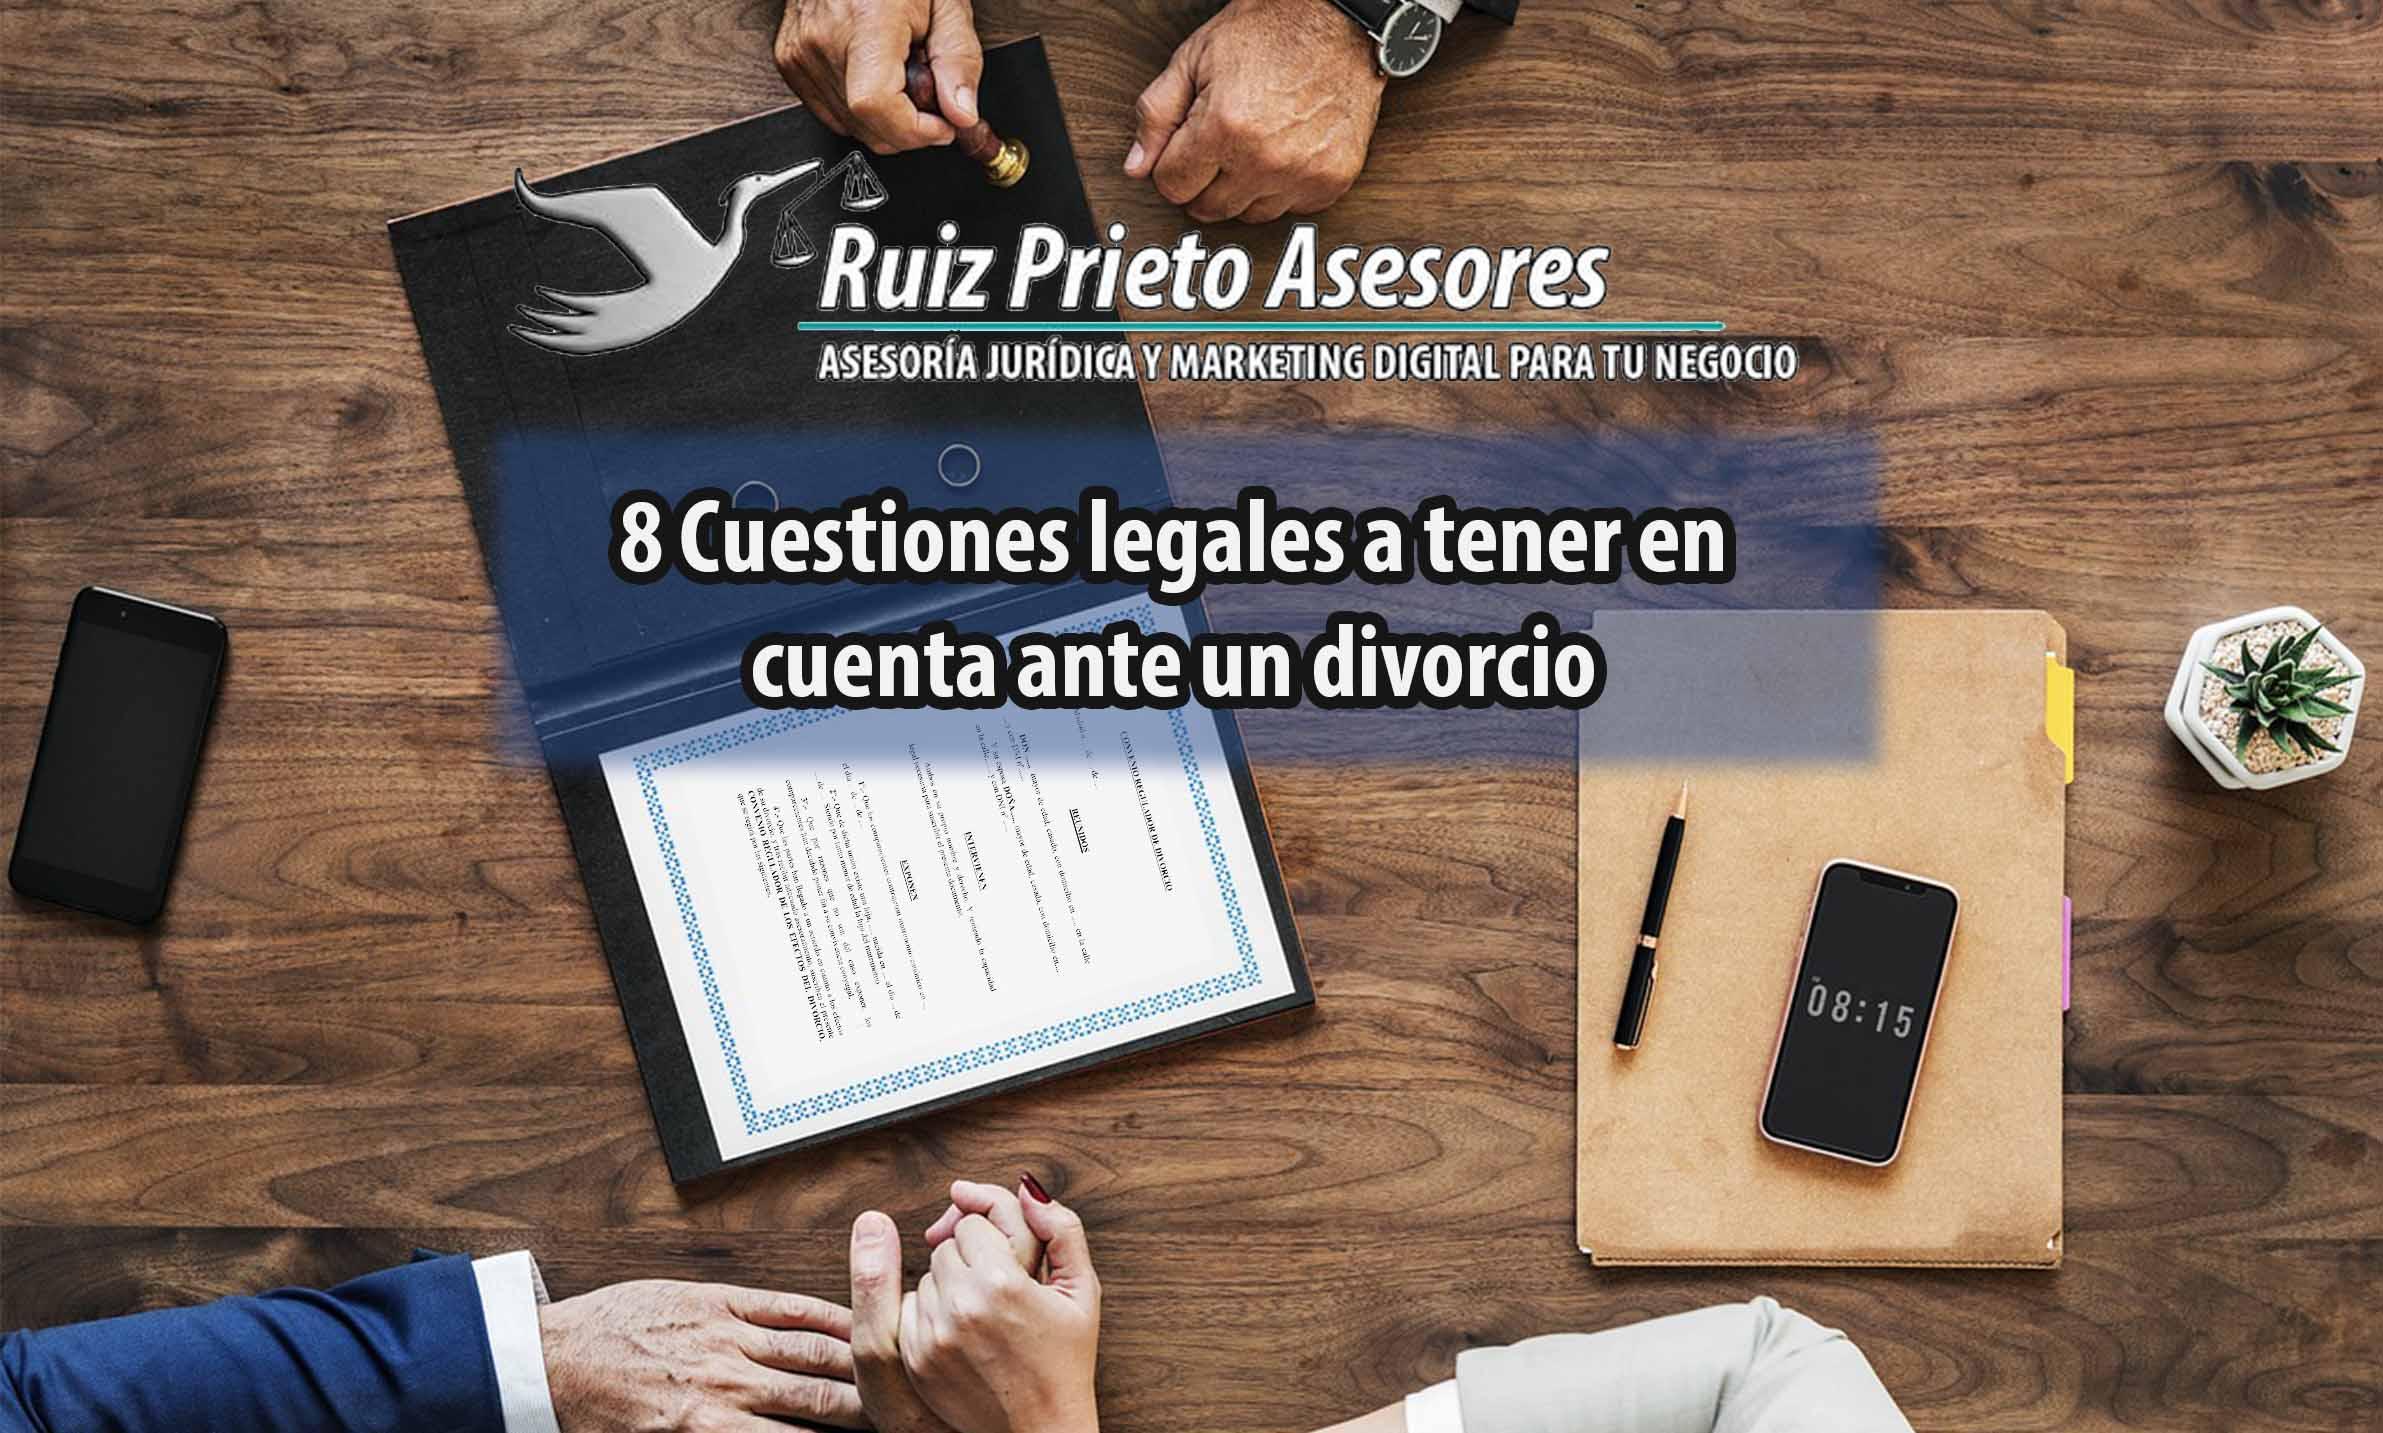 8 Cuestiones legales a tener en cuenta ante un divorcio